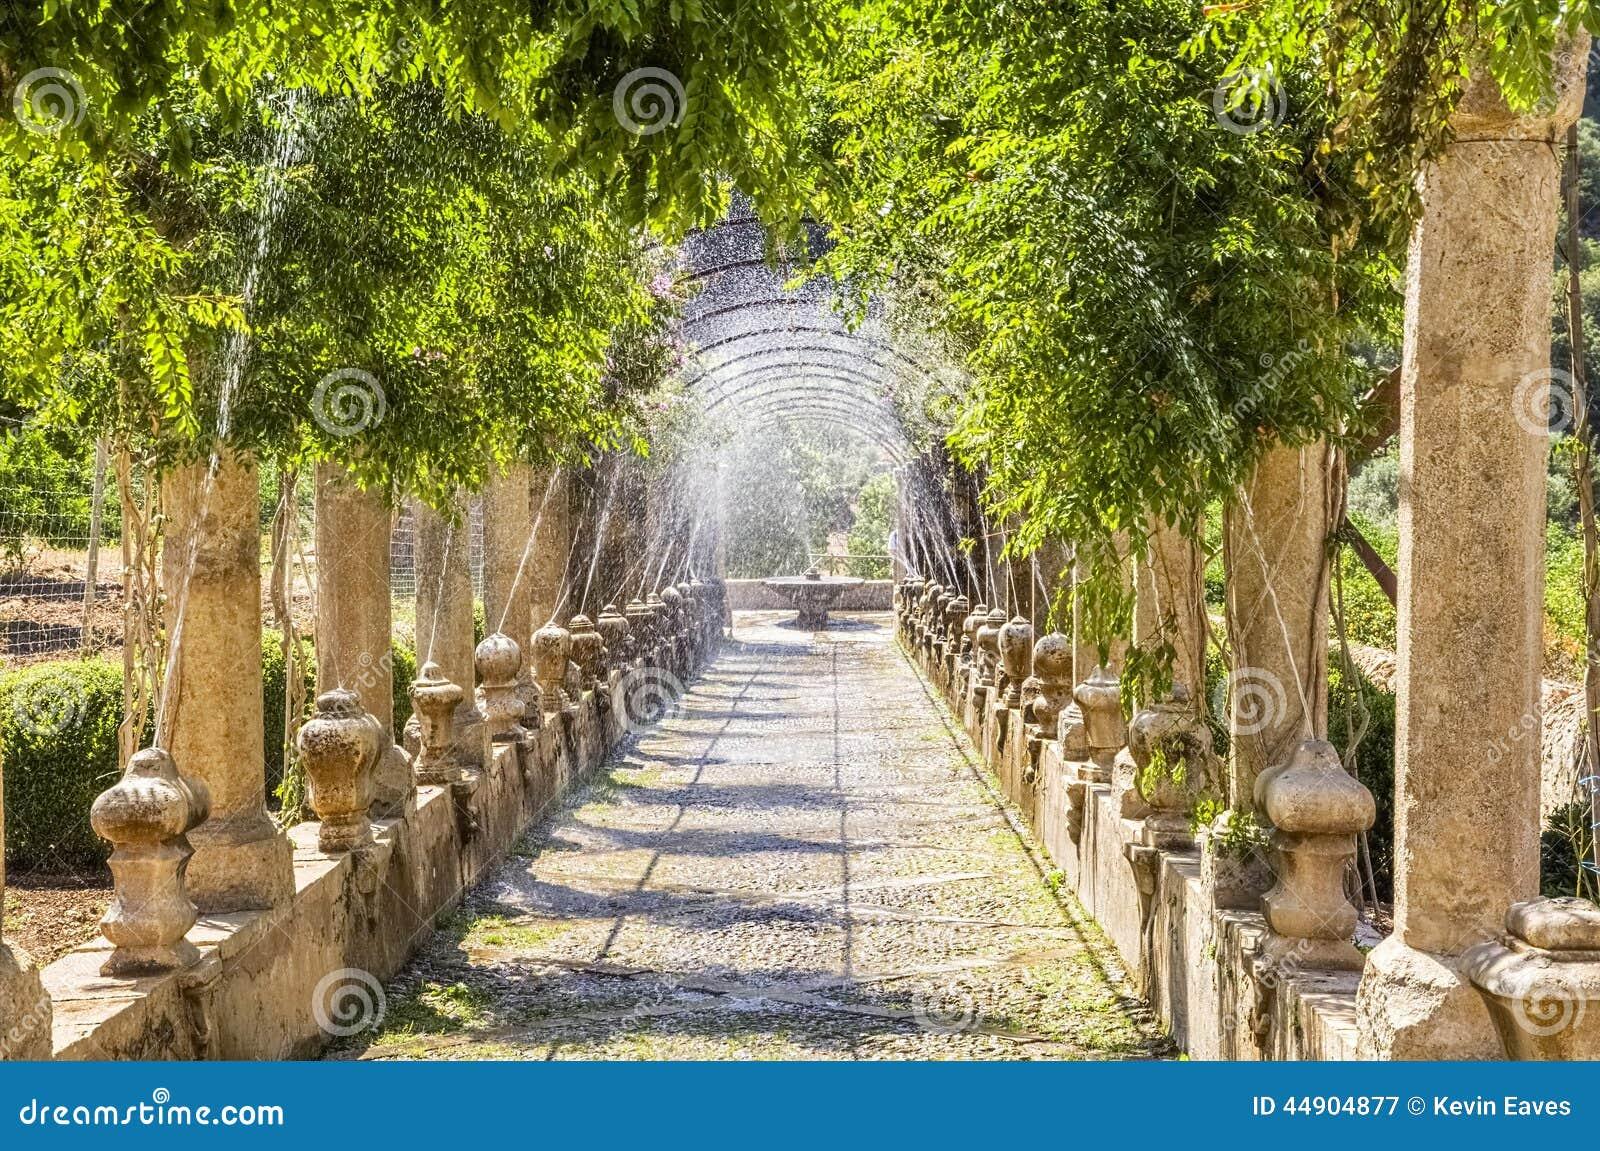 Jardines De Alfabia, Mallorca Stockfoto - Bild: 44904877